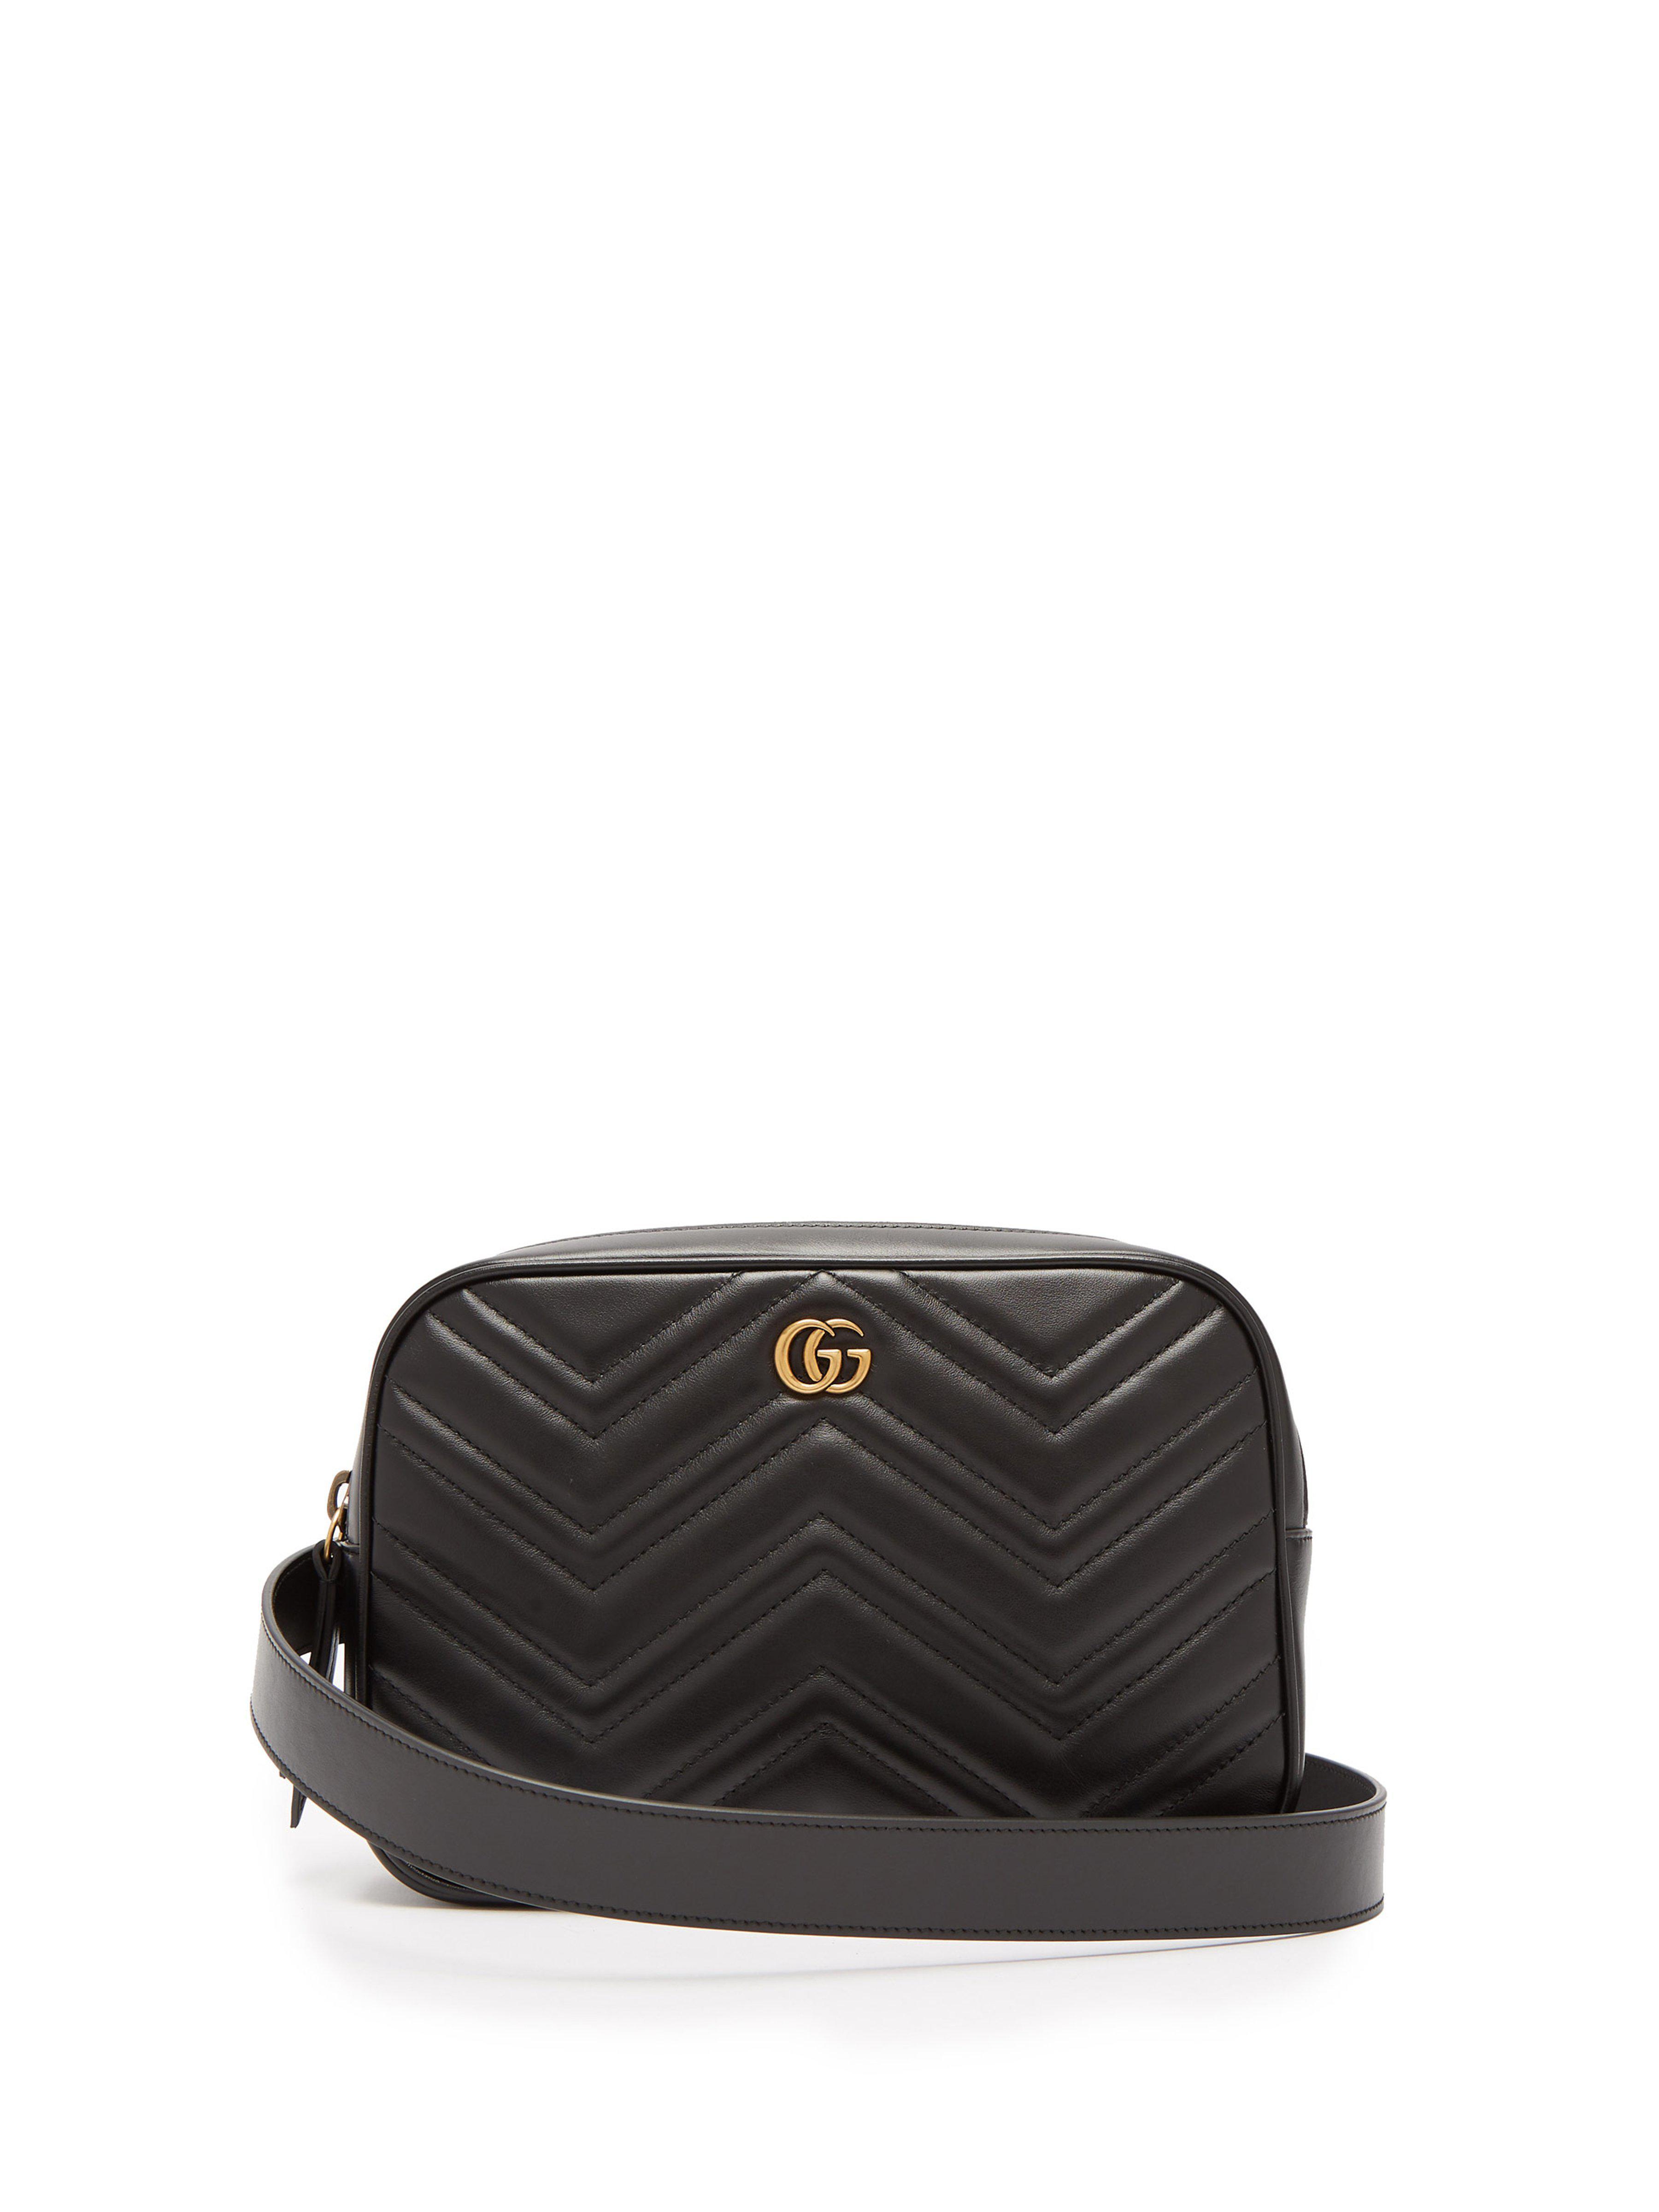 Lyst - Sac ceinture en cuir matelassé GG Marmont Gucci pour homme en ... b89d889091b